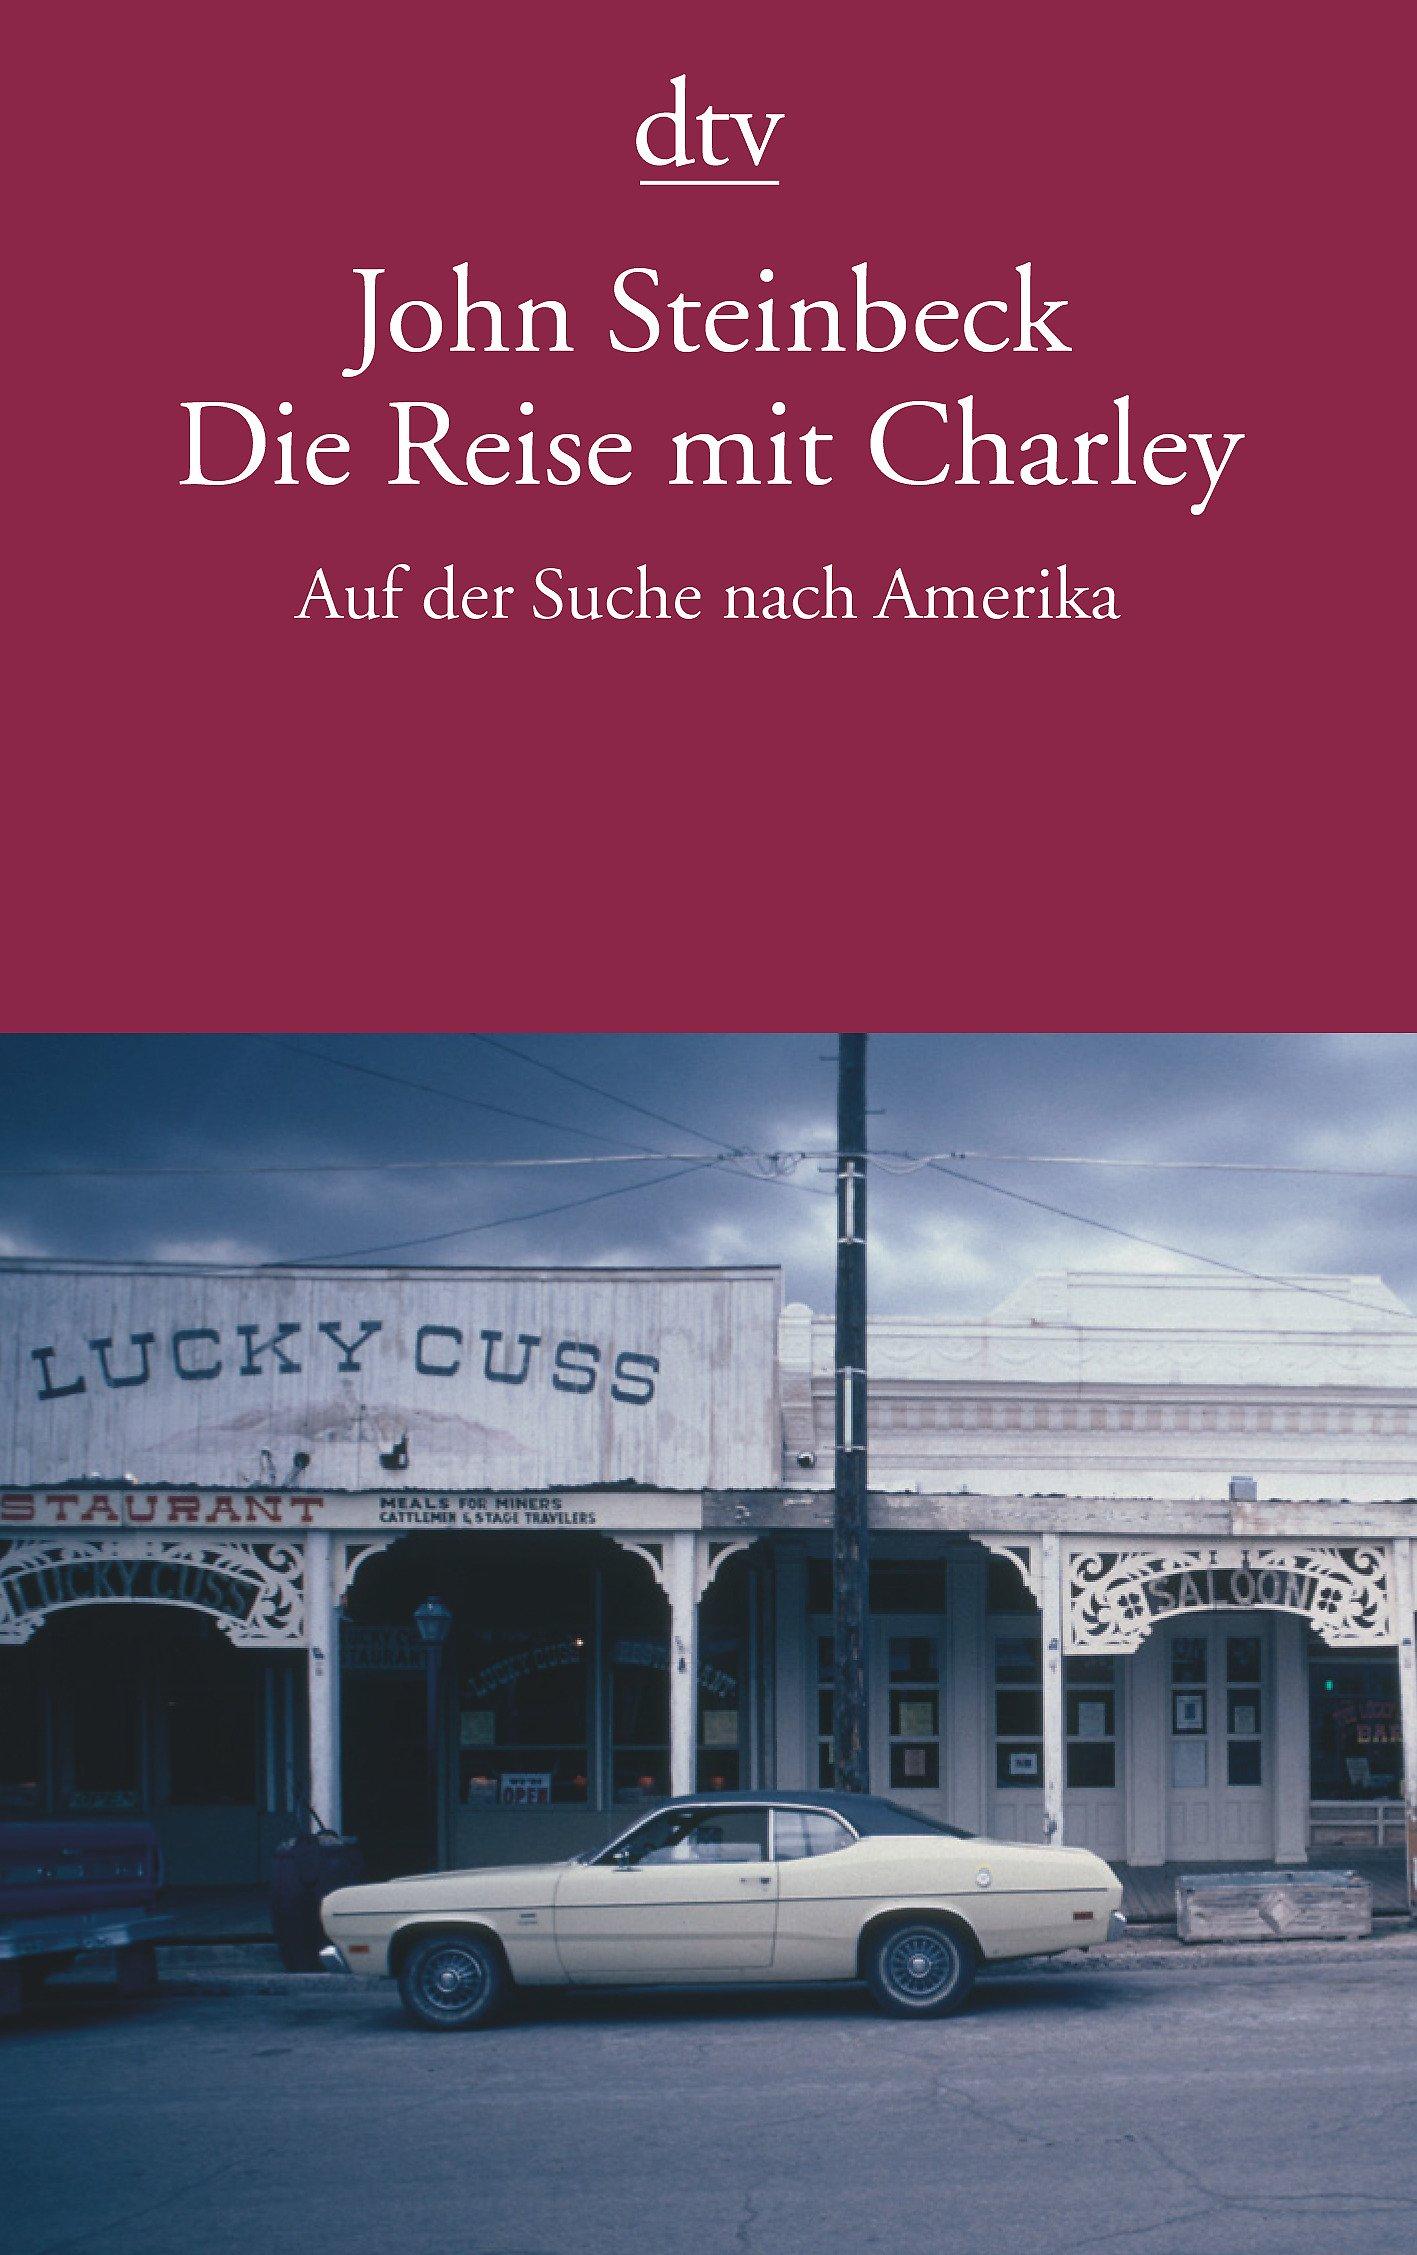 Die Reise mit Charley: Auf der Suche nach Amerika Taschenbuch – 1. Juni 2007 John Steinbeck Burkhart Kroeber dtv Verlagsgesellschaft 3423135654